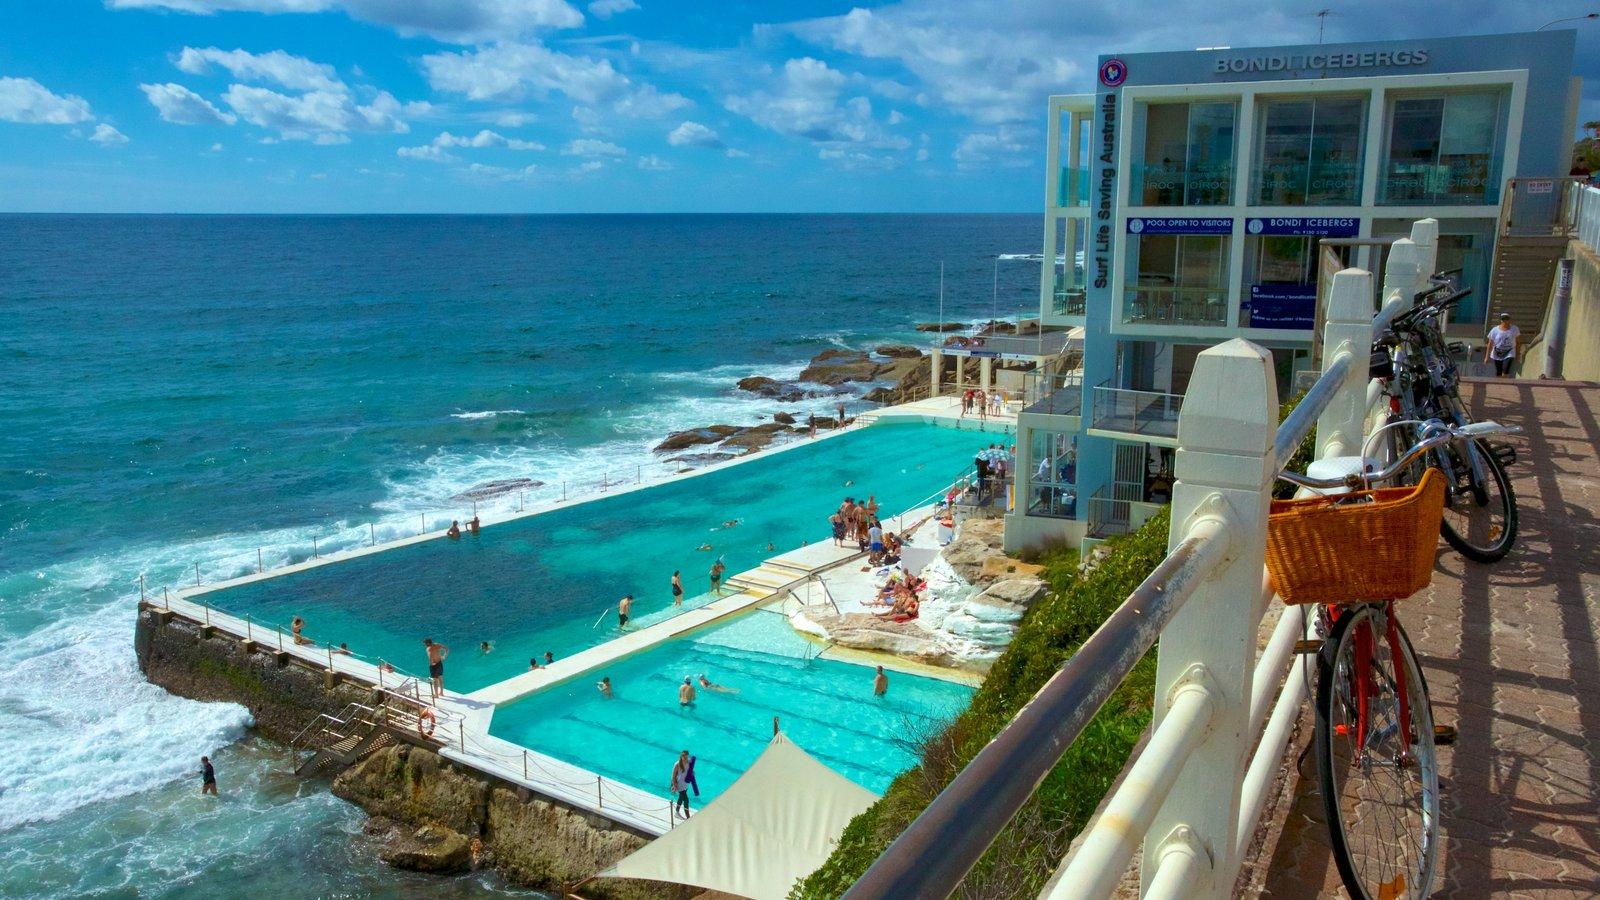 Bondi Beach Sidney Hotel